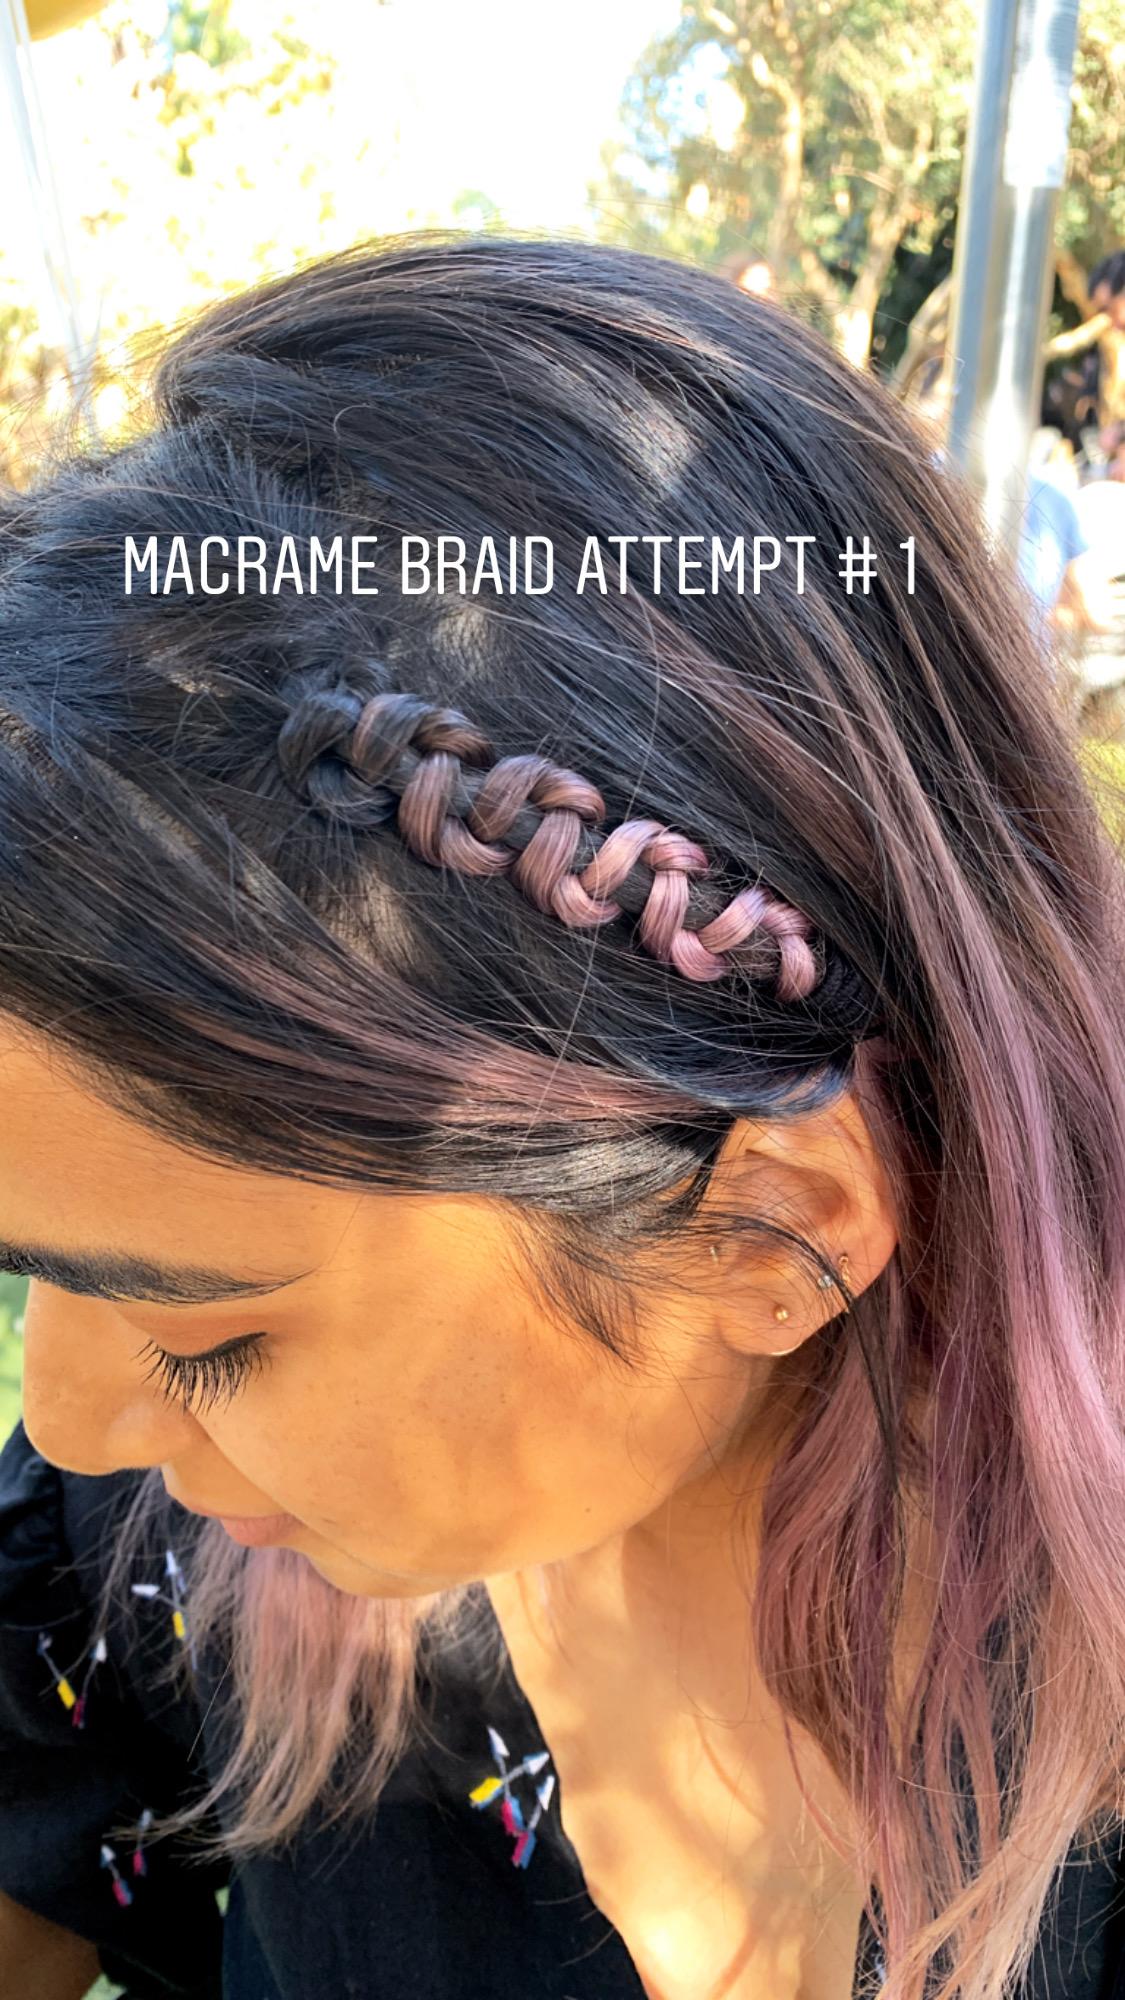 Macrame Braid Attempt